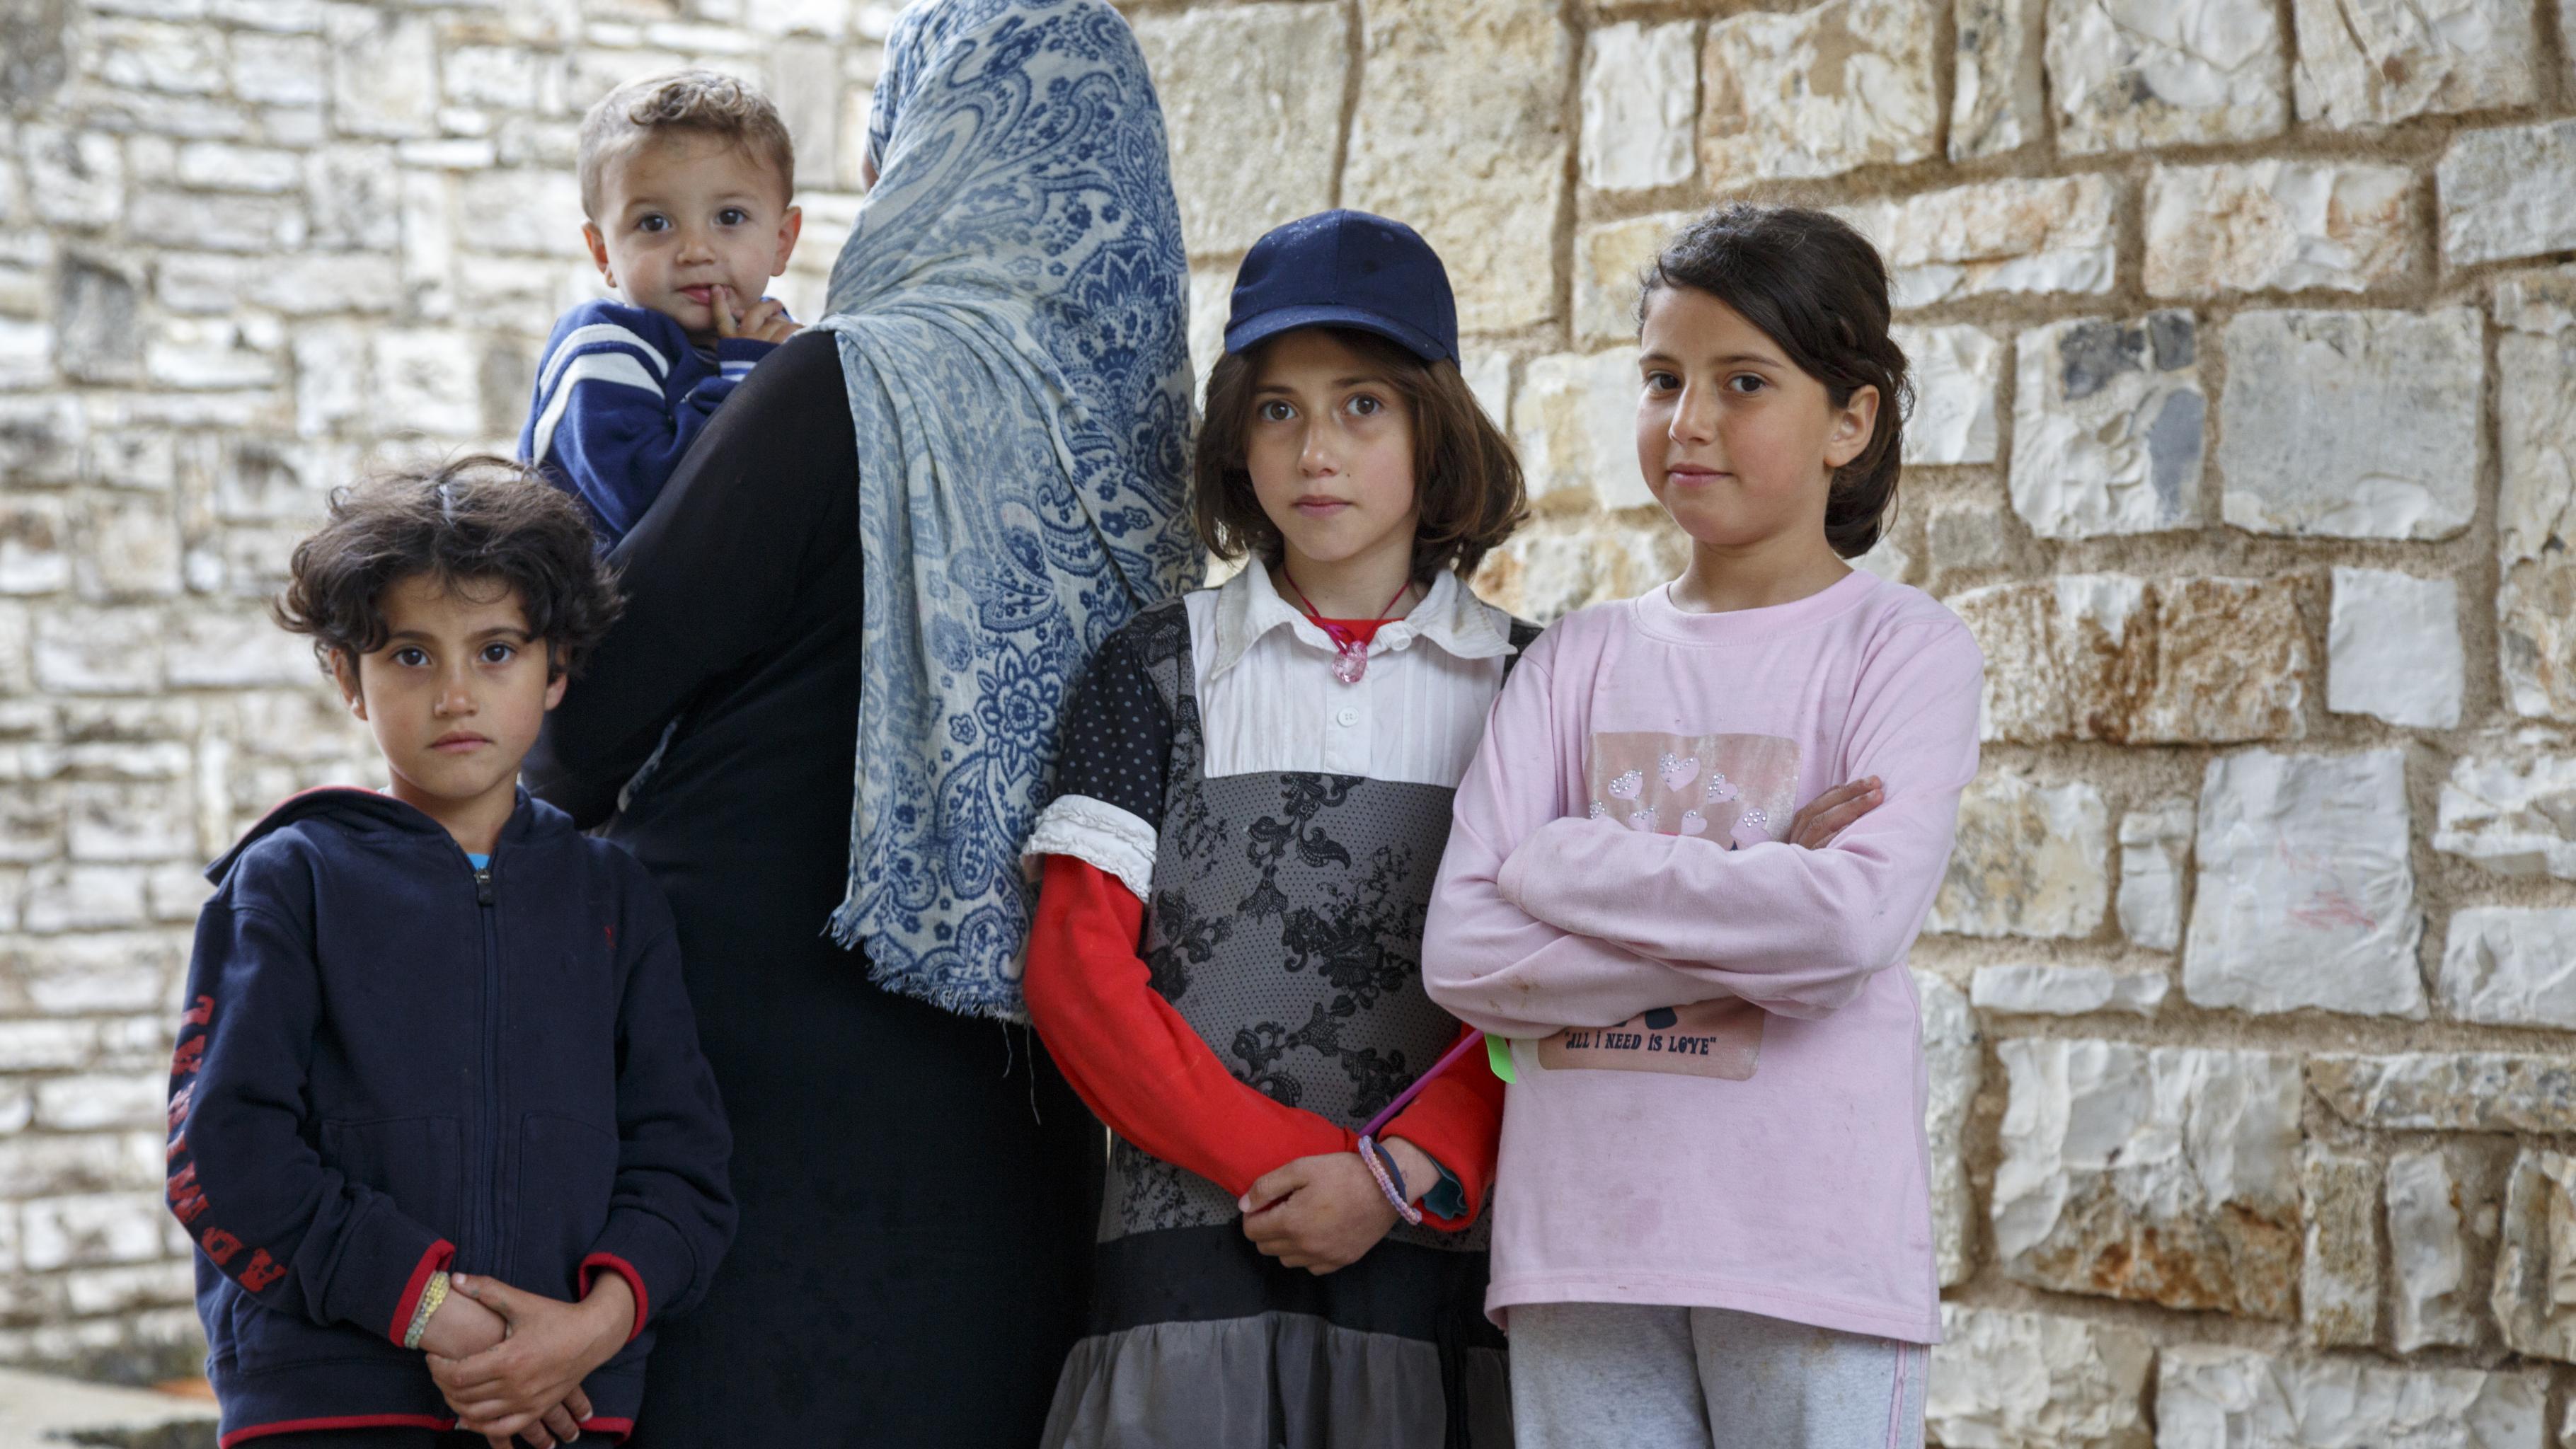 Zeinach floh mit ihren vier Kindern aus Syrien